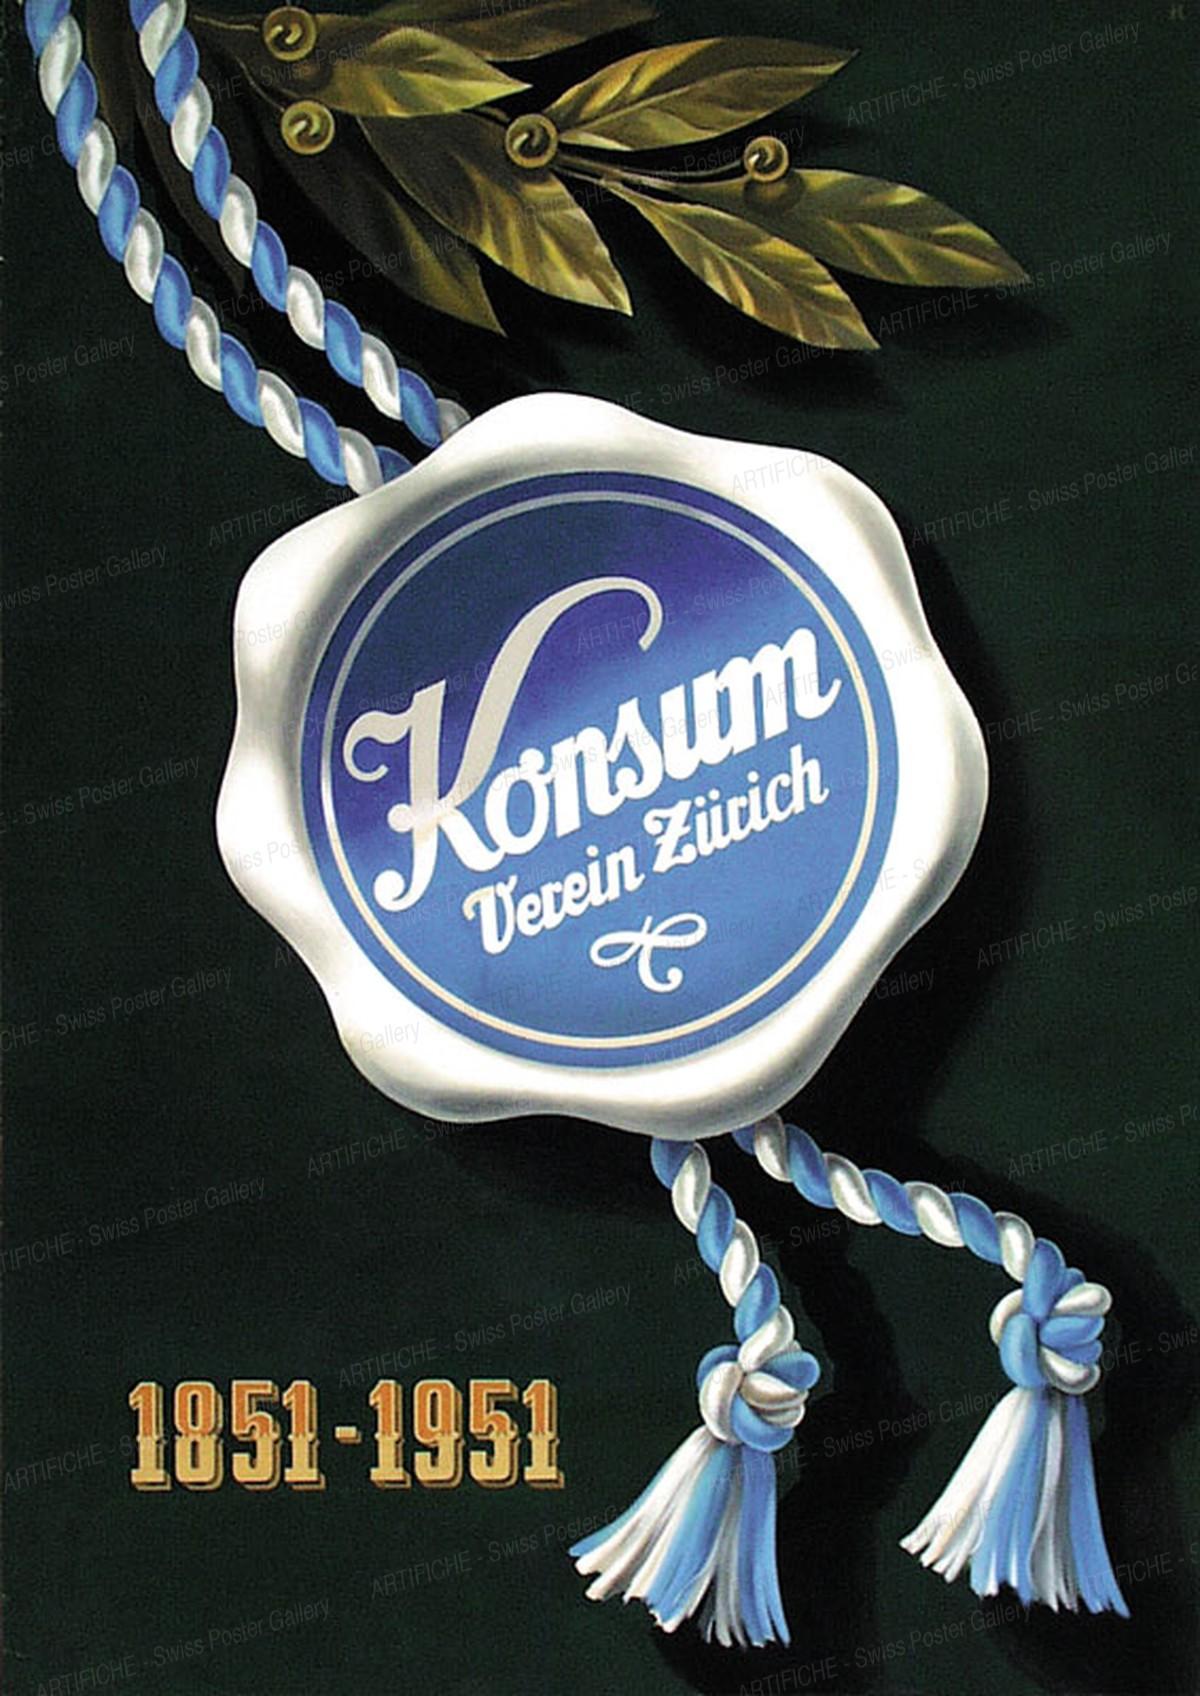 Konsum-Verein Zürich 1851 – 1951, Fritz Reck